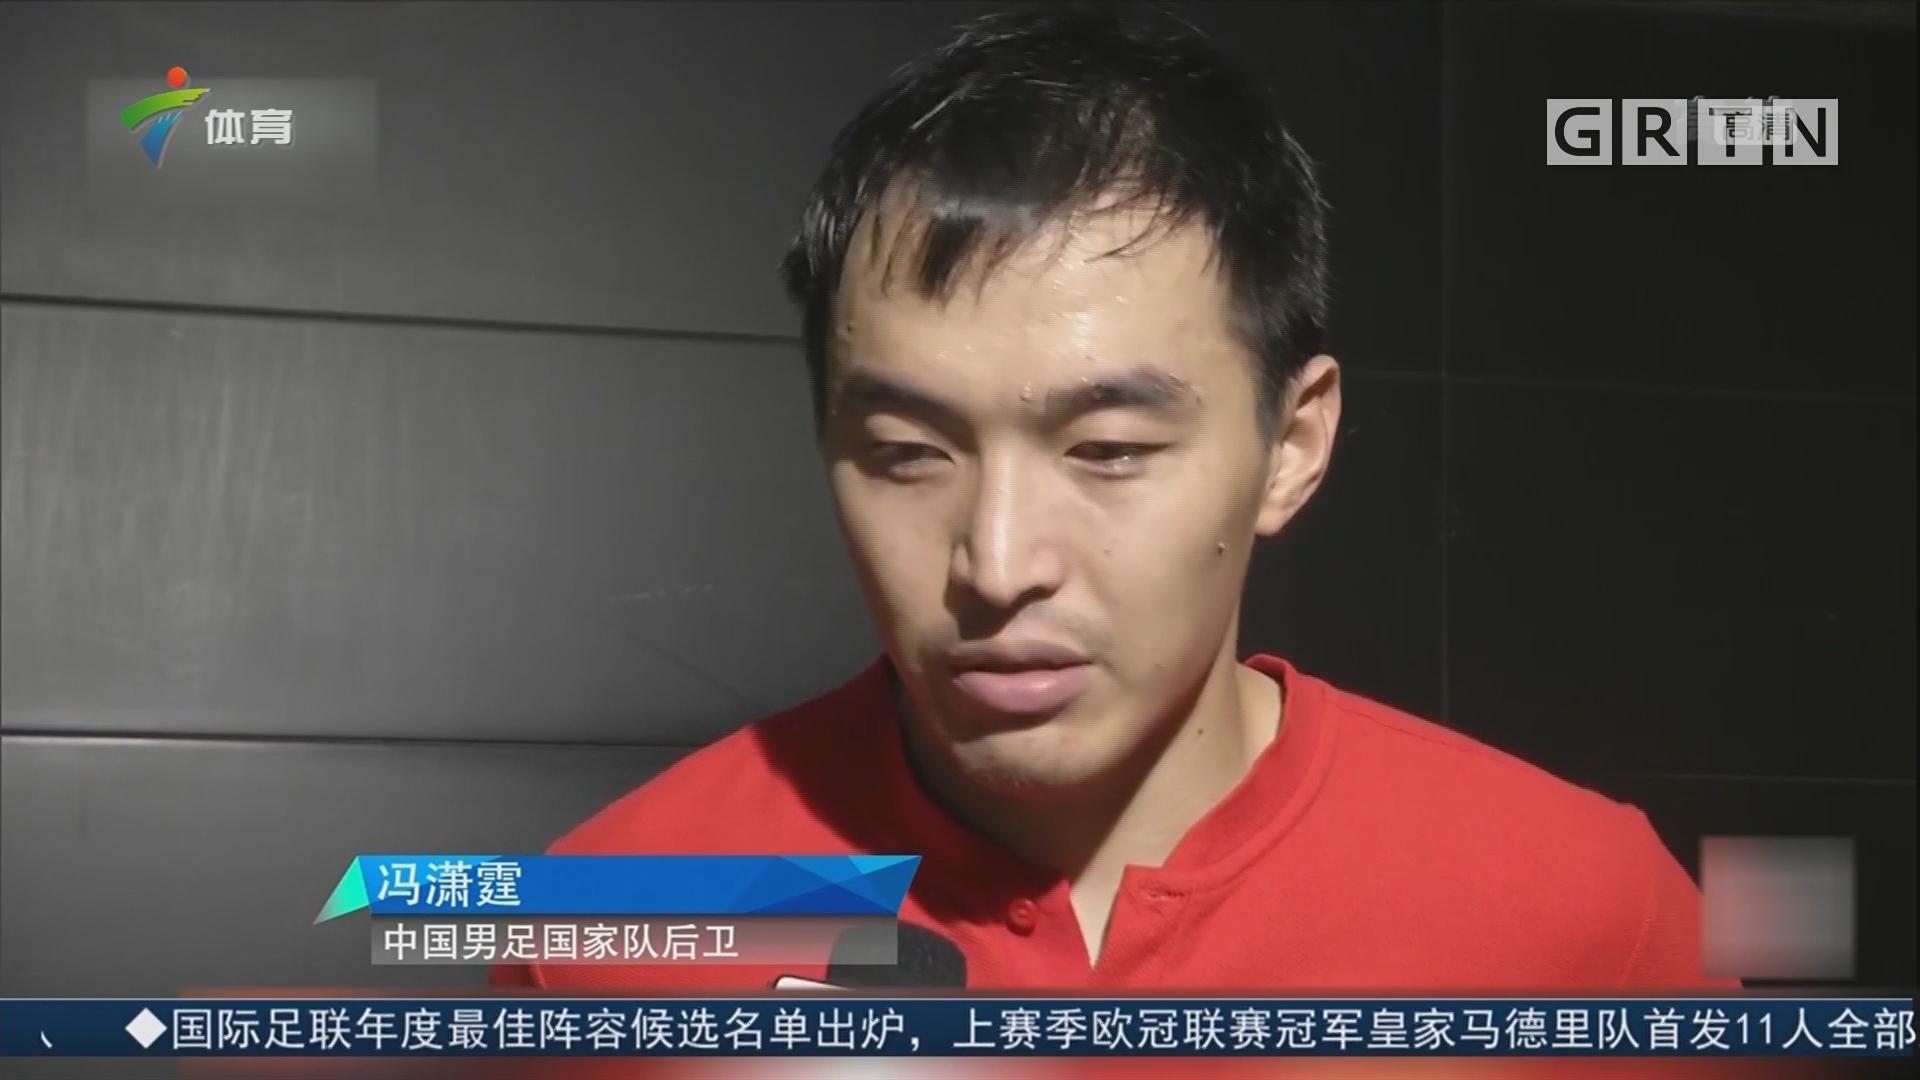 中国男足球员对这场比赛的表现持肯定的态度